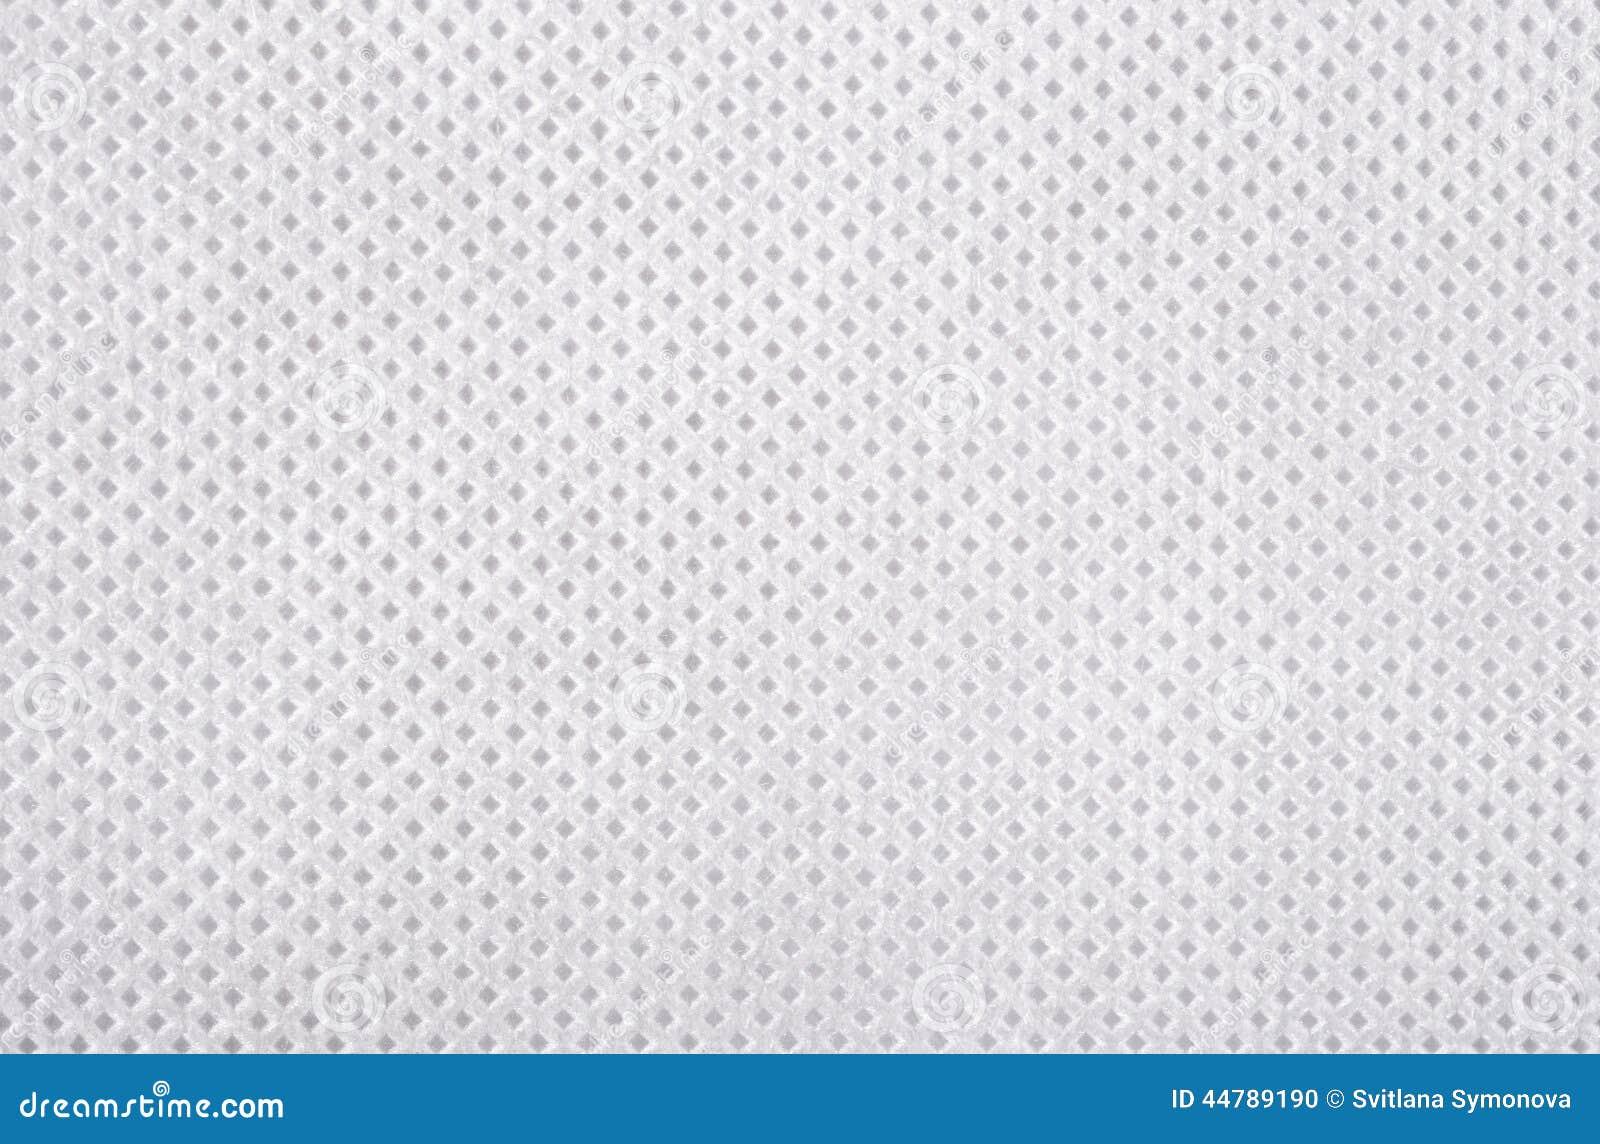 White Nonwoven Fabric Texture Stock Photo - Image of string ... for White Woven Fabric Texture  181pct